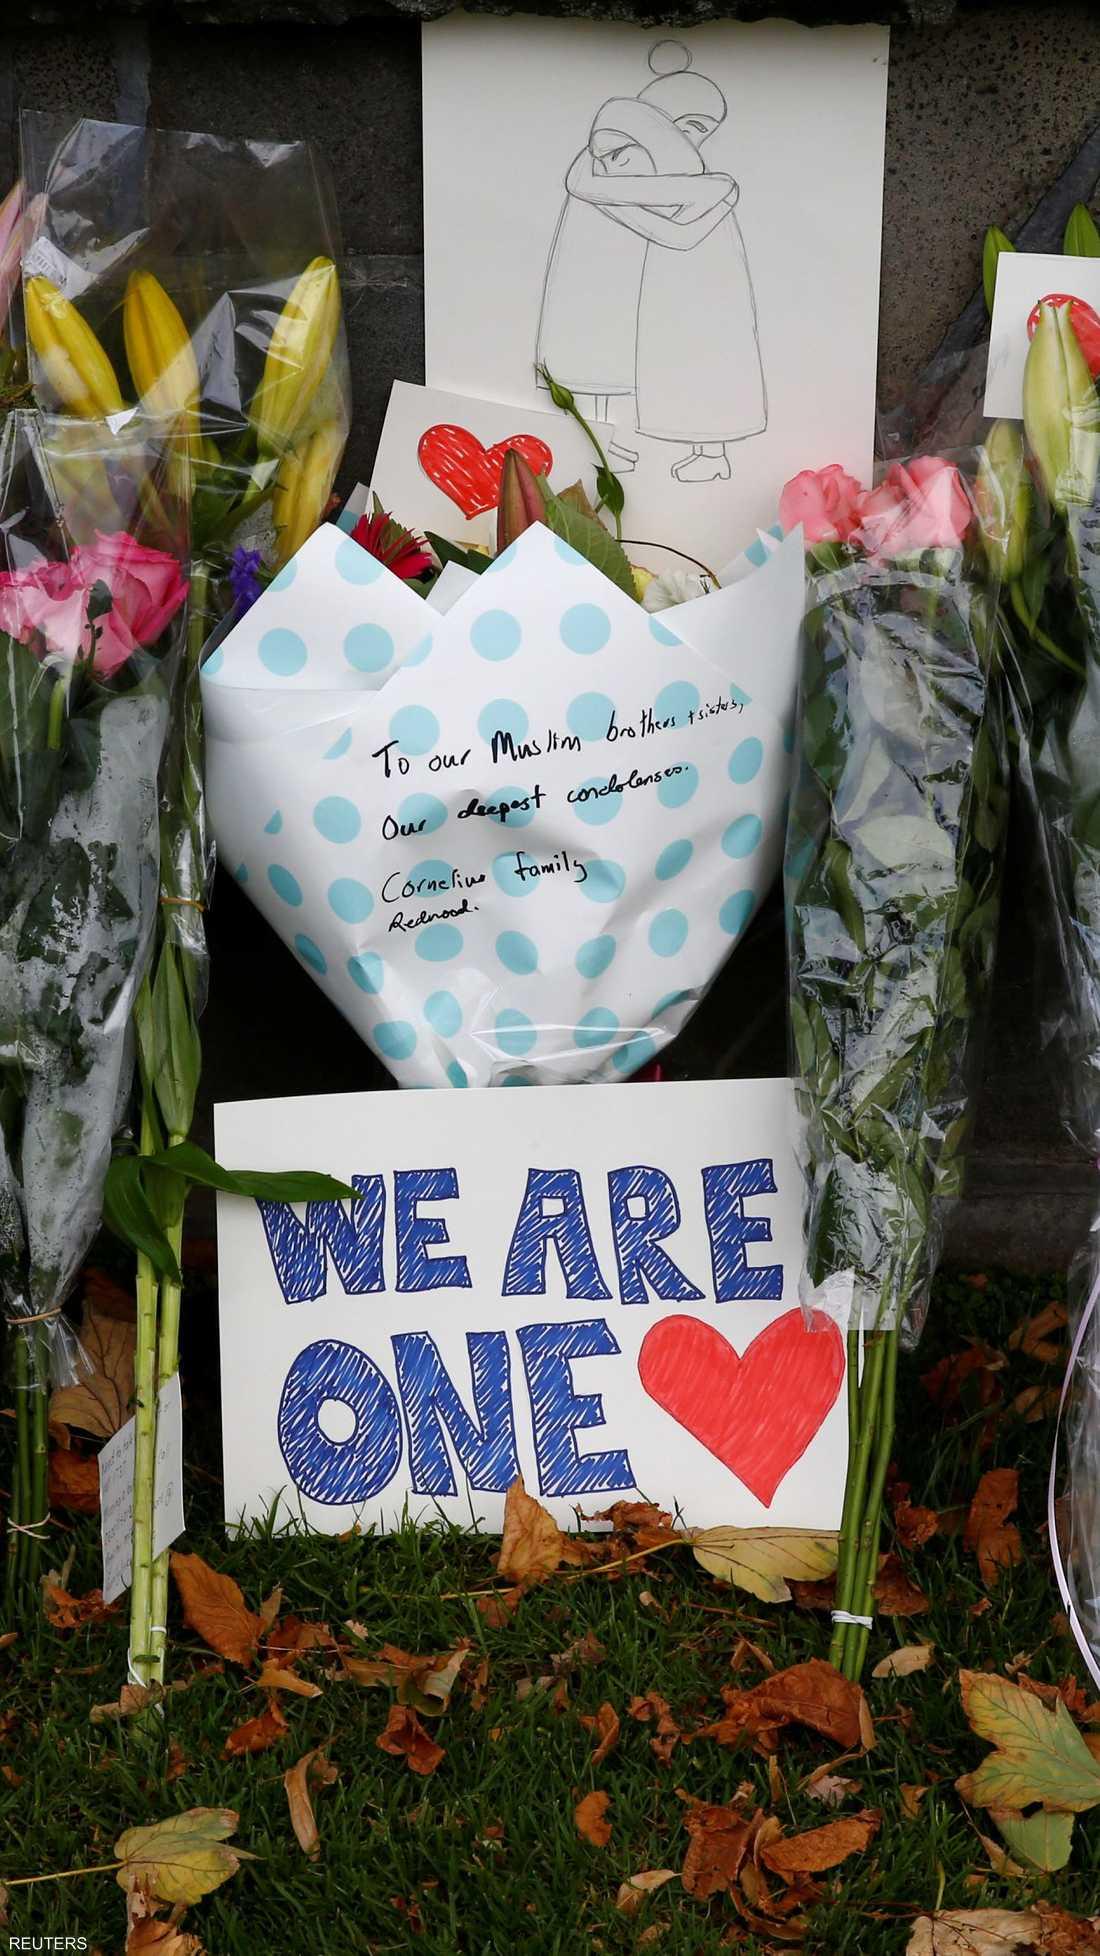 بدأت نيوزيلندا تشييع ضحايا الهجوم الإرهابي، الذي استهدف مسجدين في مدينة كرايست شيرش، خلال صلاة الجمعة.